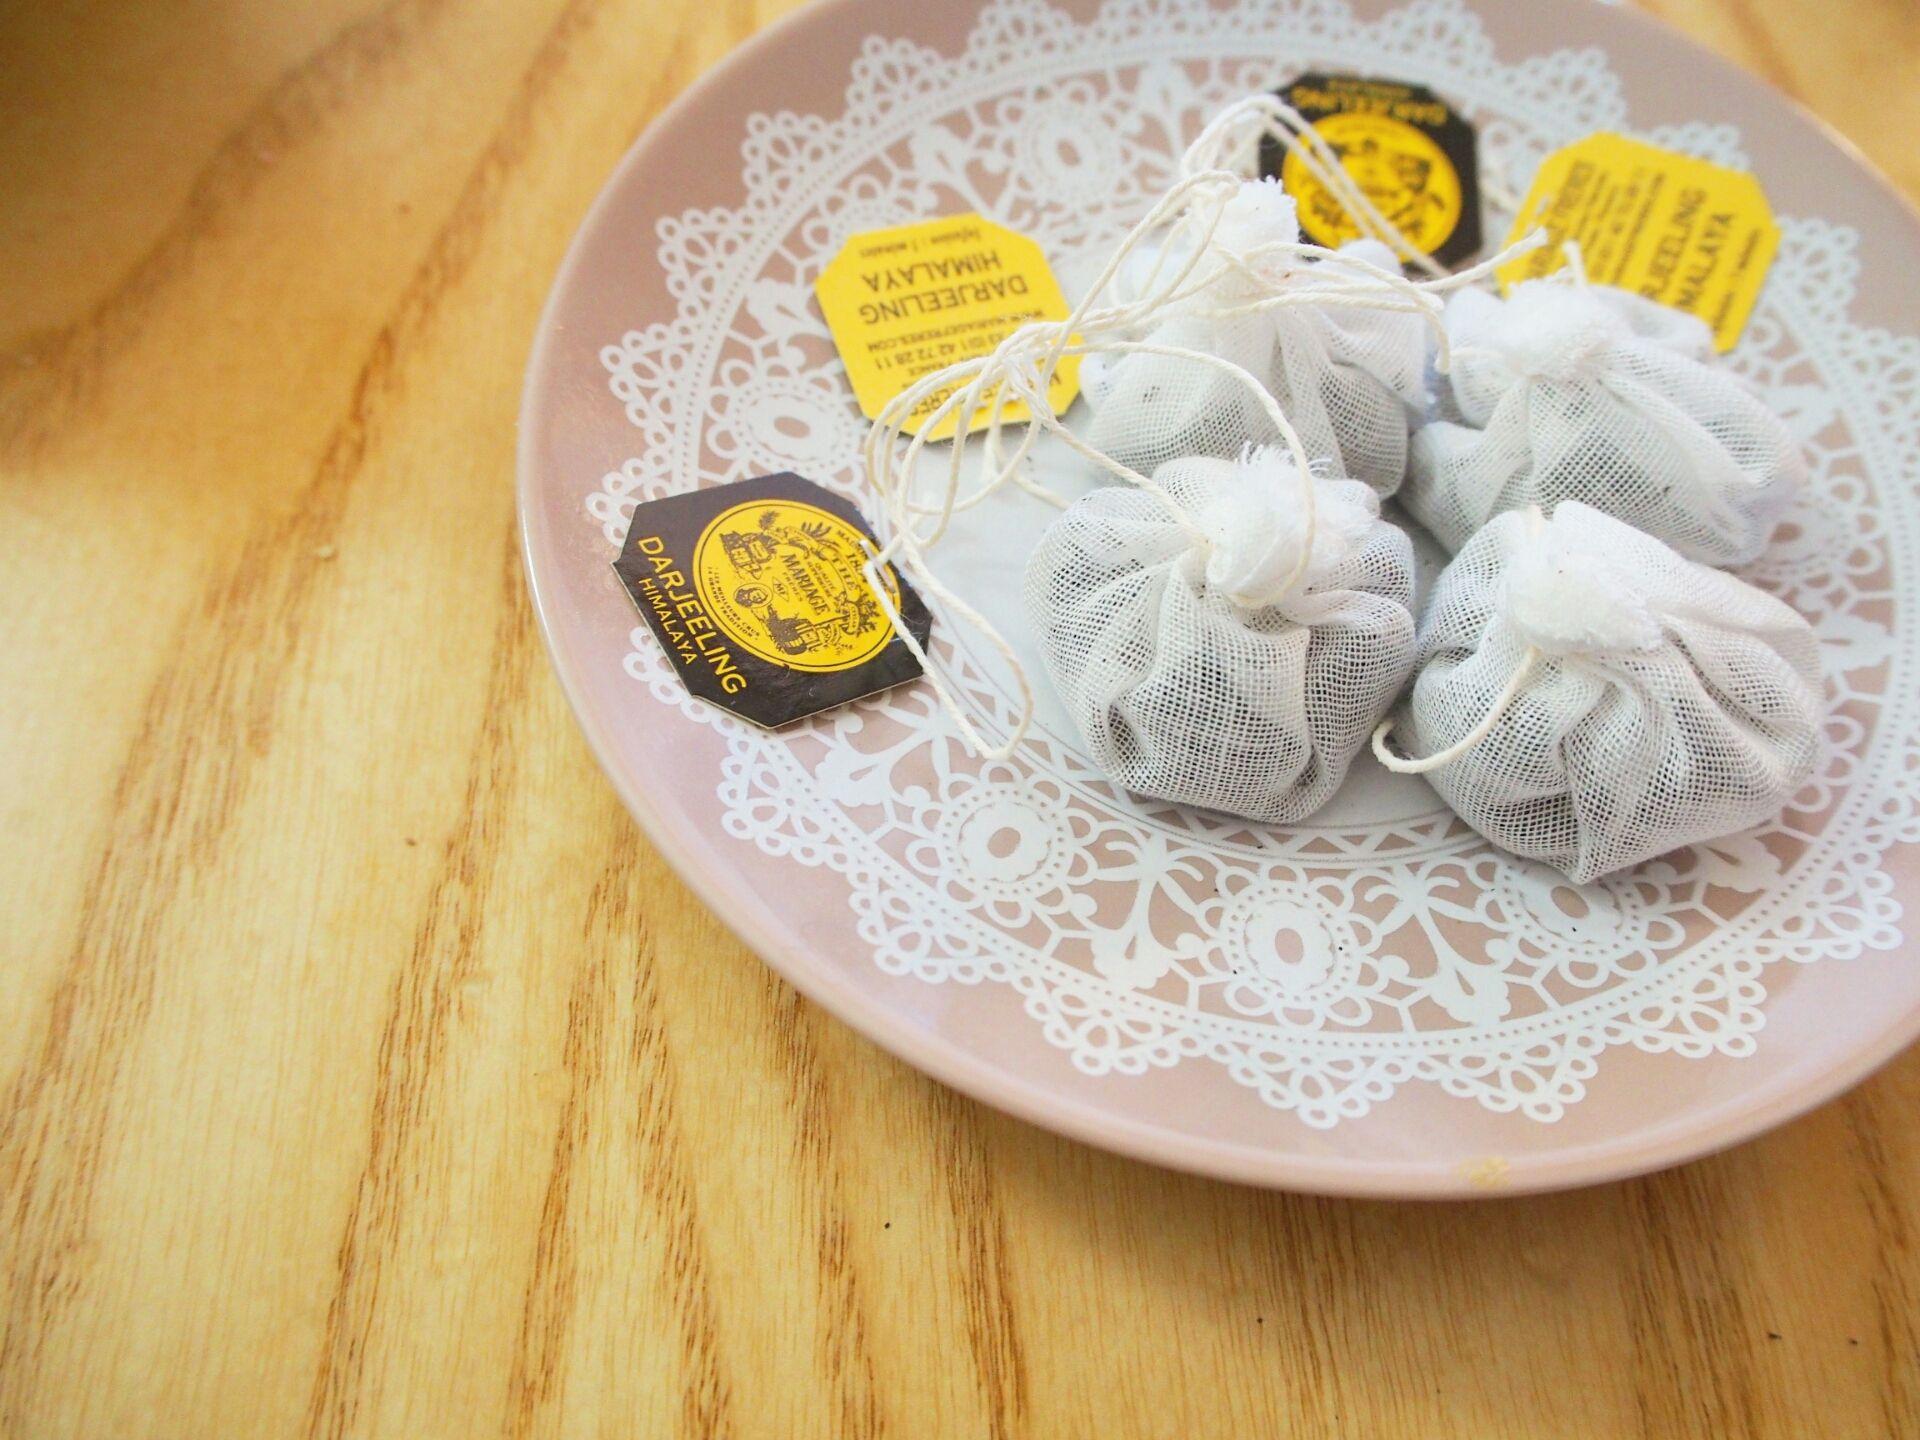 マリアージュフレール 紅茶 ティーパック ダージリンヒマラヤ tea Darjeeling